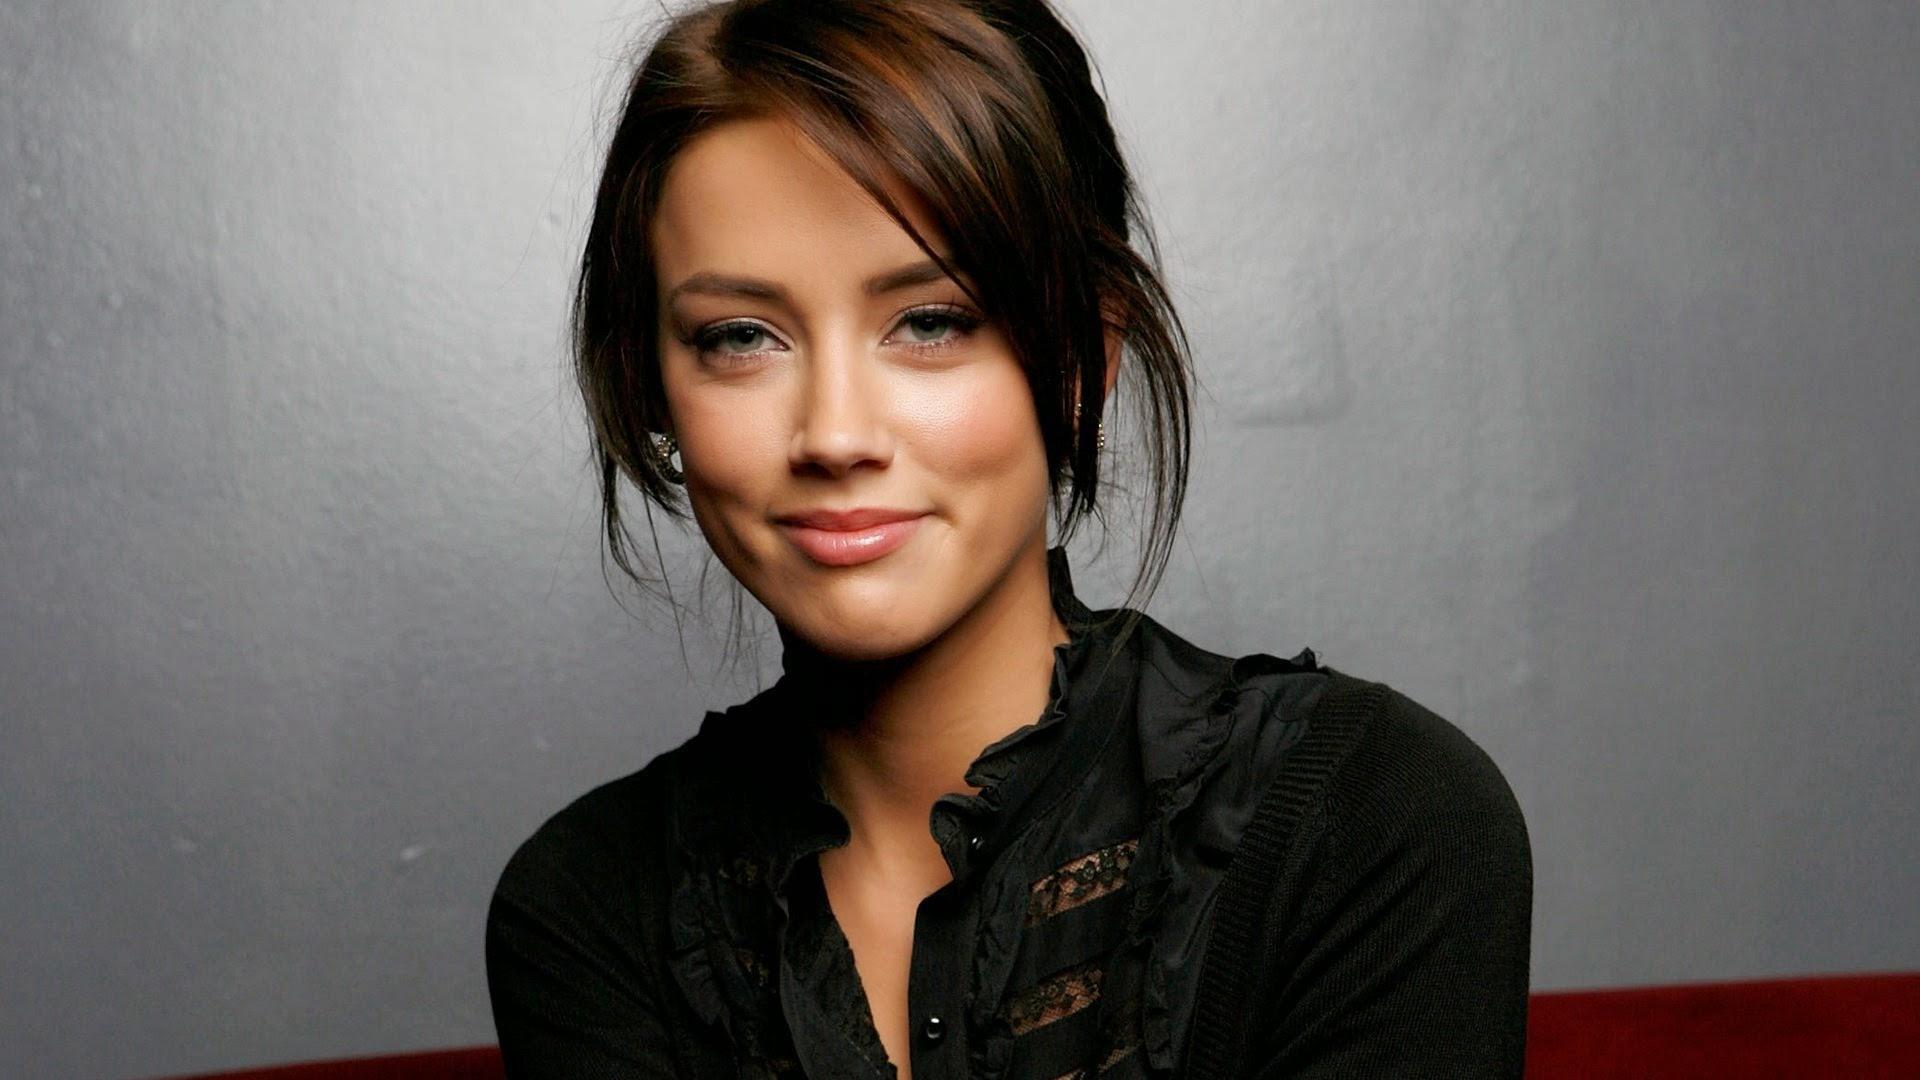 Amber Heard - Actress